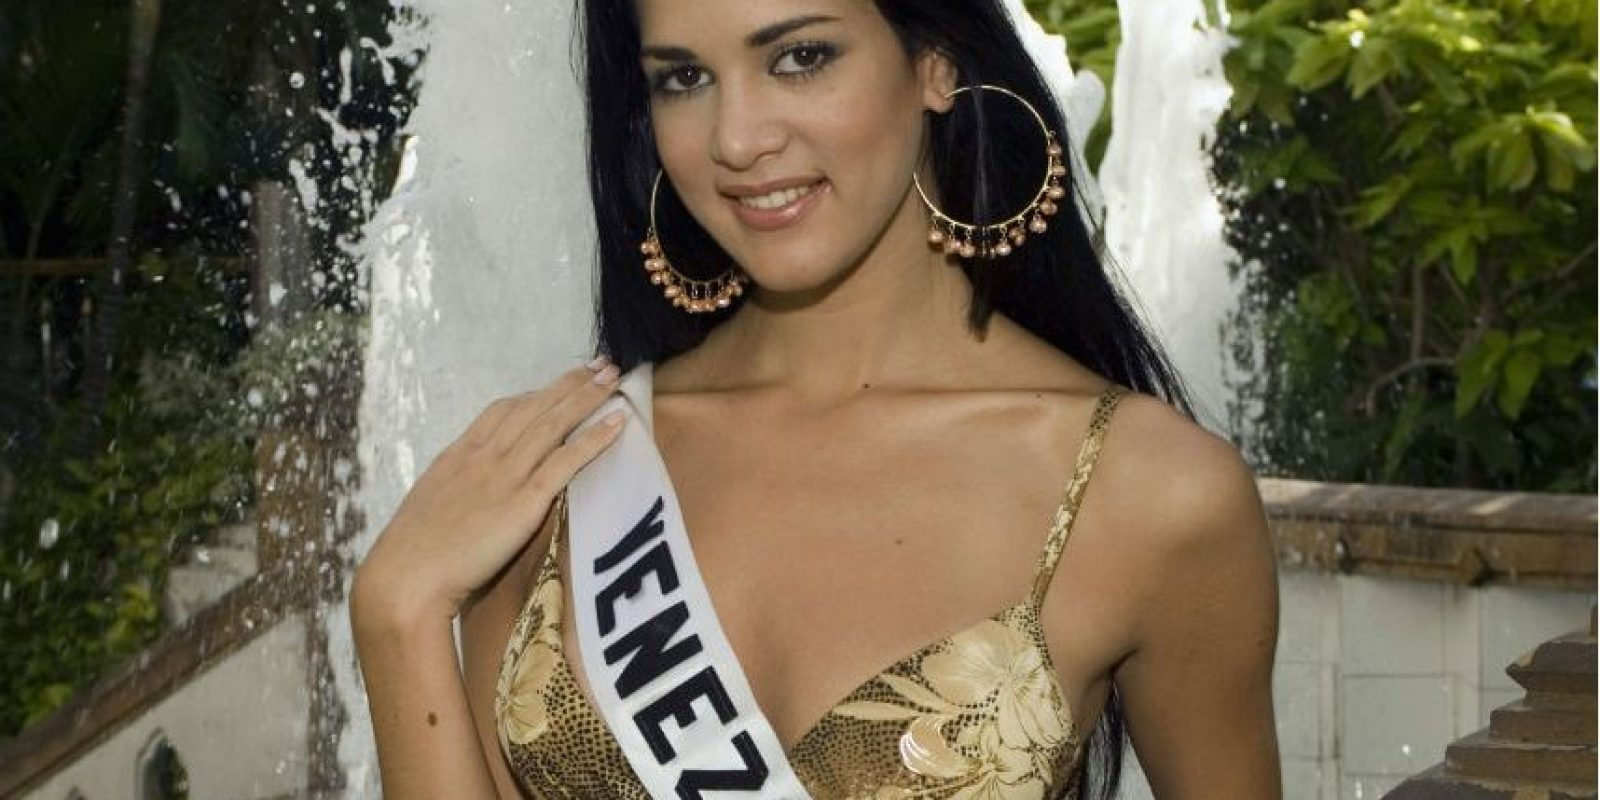 La actriz, modelo y reina de belleza venezolana fue asesinada en un intento de robo el pasado 6 de enero de 2014. Foto:Getty Images